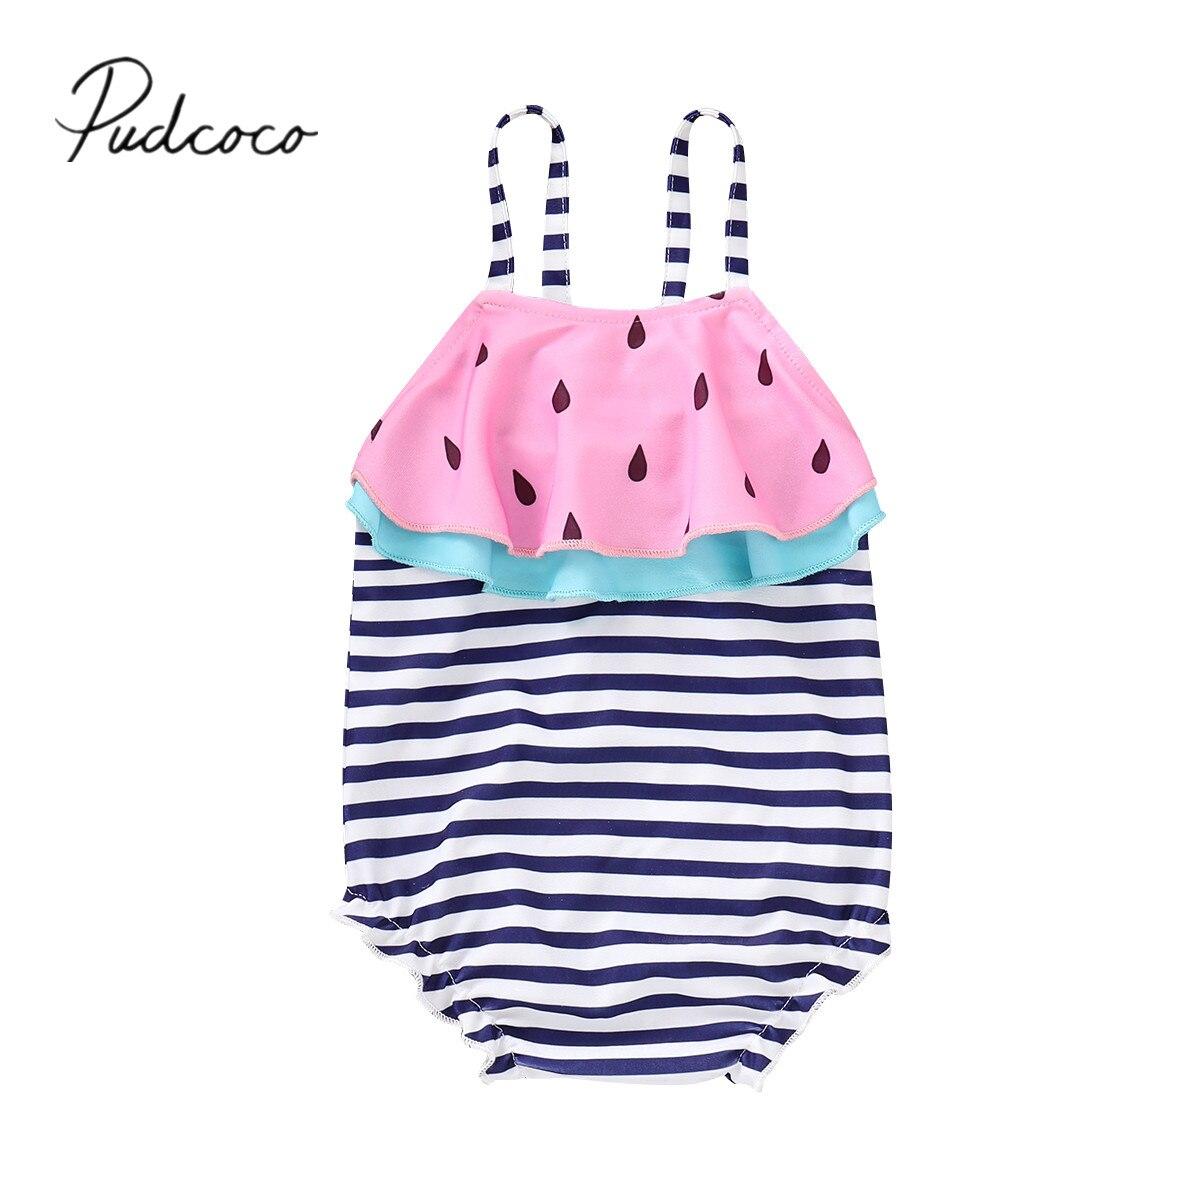 2019 Brand New 1-6Y Toddler Baby Kids Girls Stripe Watermelon Swimsuit Sleeveless Ruffles Swimwear Ruffle Bikini Bathing Suit Купальник